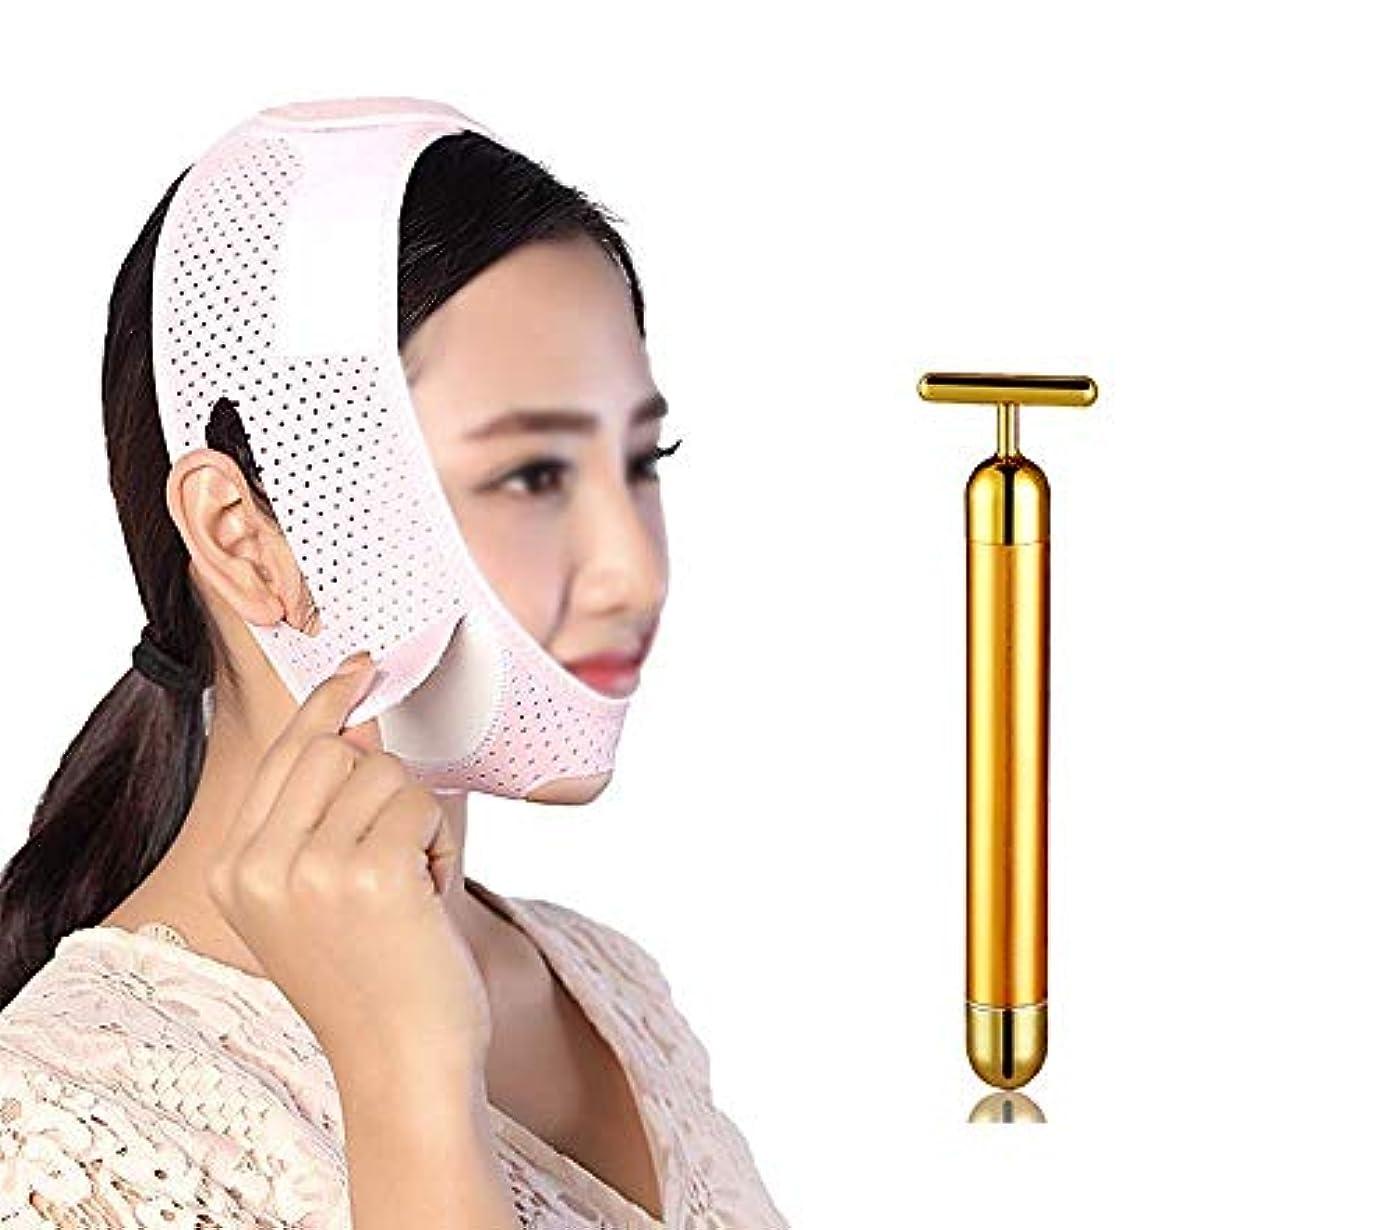 把握全員貞顔と首を持ち上げる術後弾性セットVフェイスマスクは、チンV顔アーティファクト回復サポートベルトの収縮の調整を強化します。